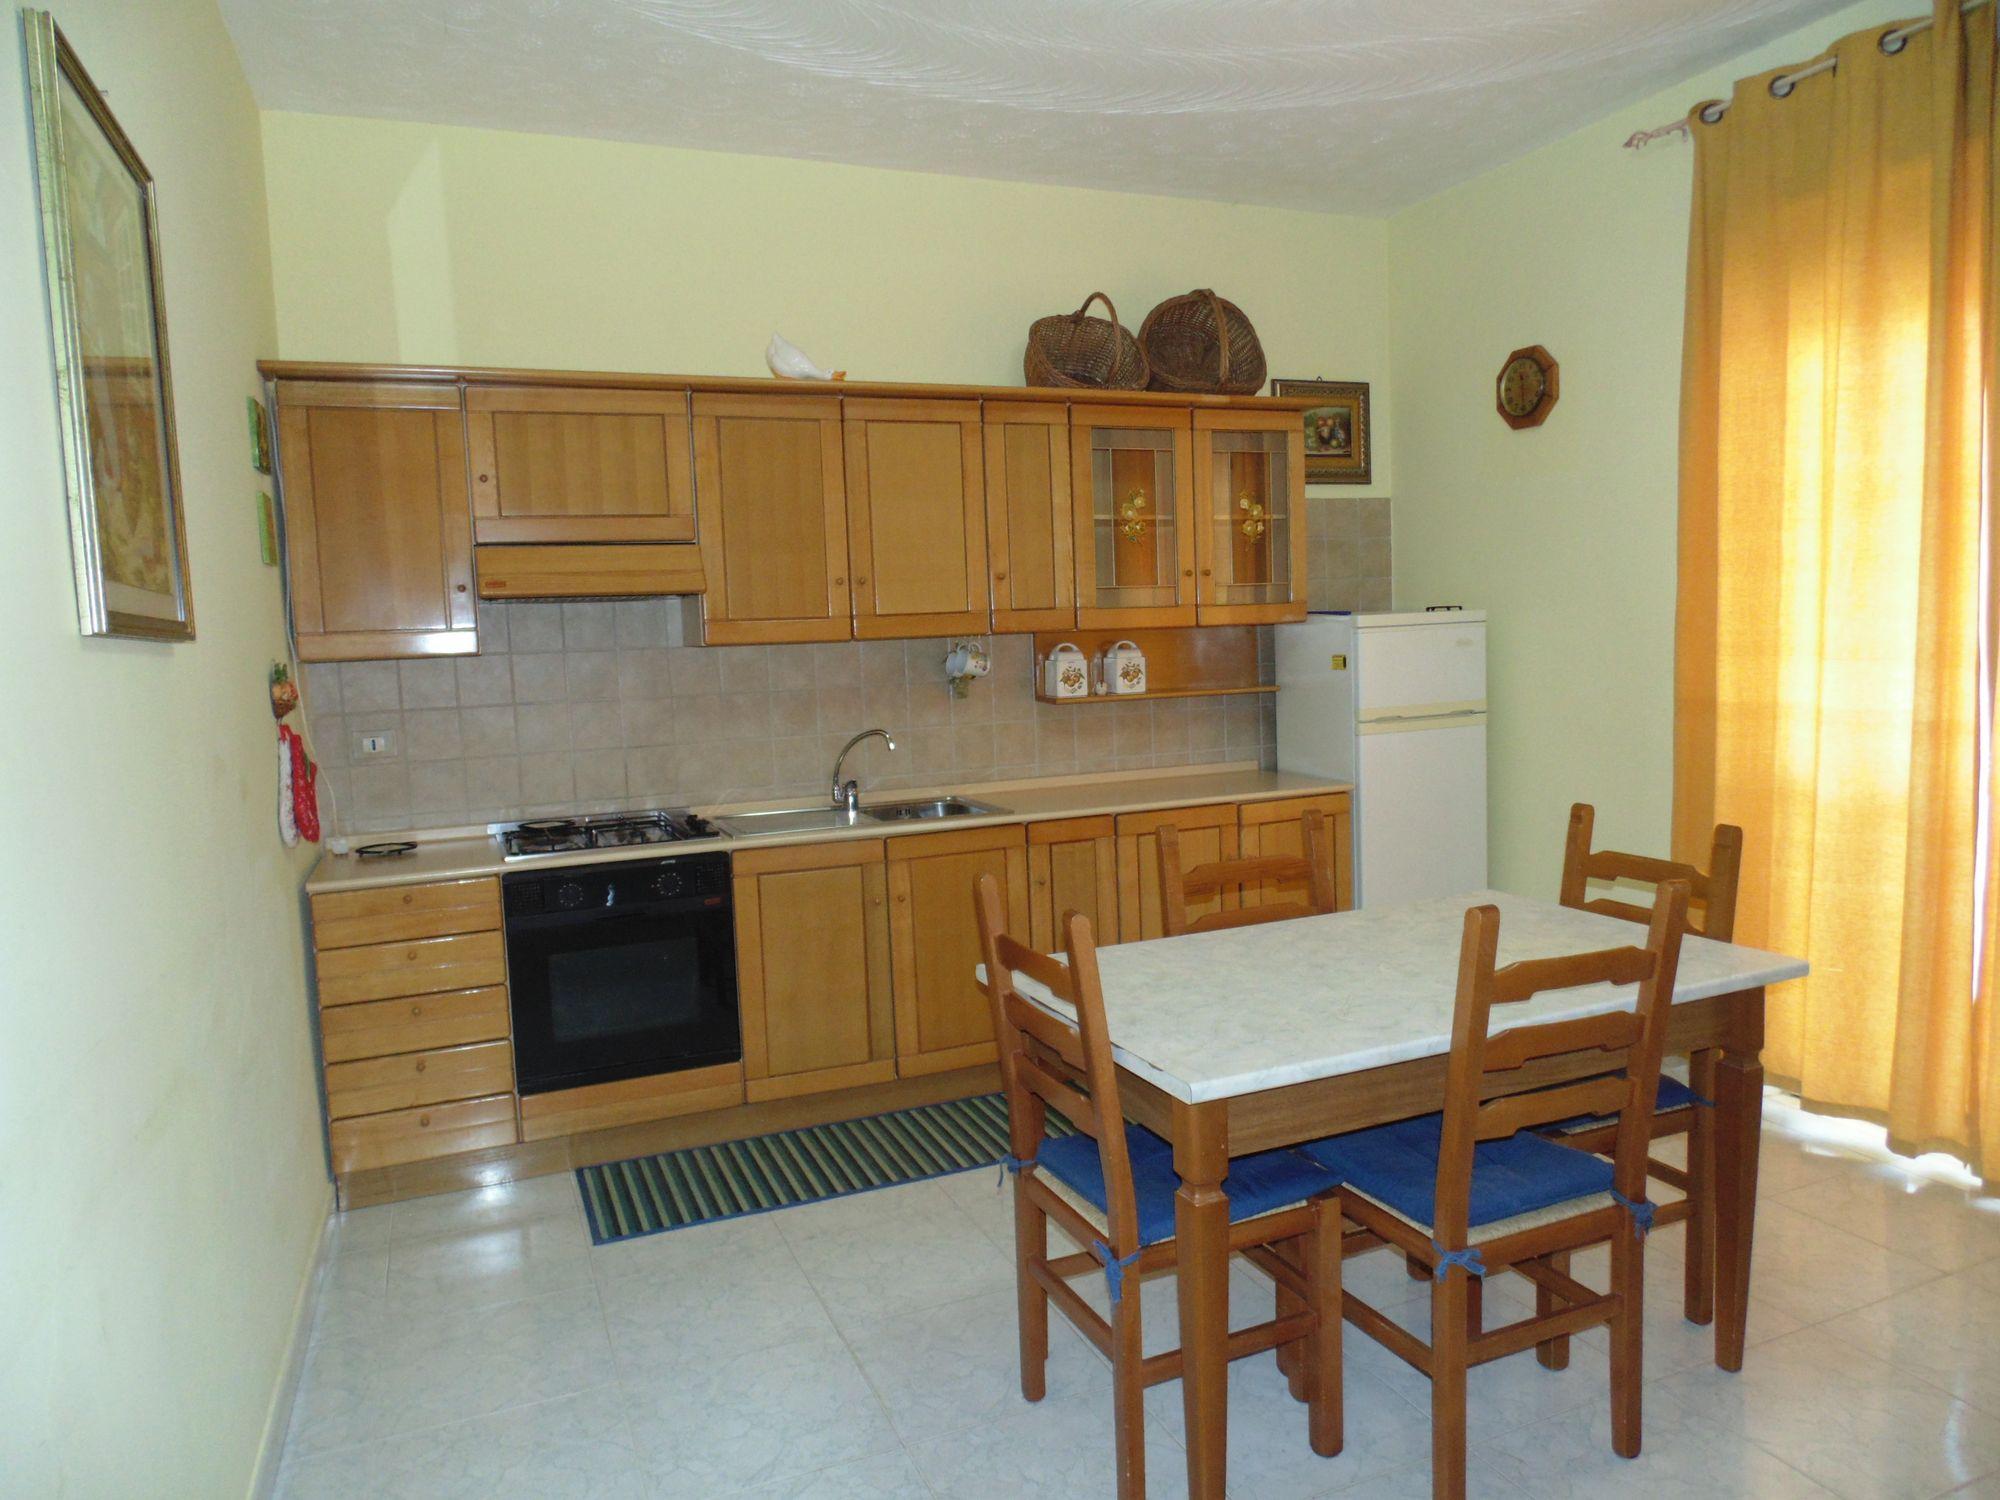 Appartamento  in ottime condizioni, piano rialzato ,composto da ingresso, cucina-soggiorno, camera m  ...